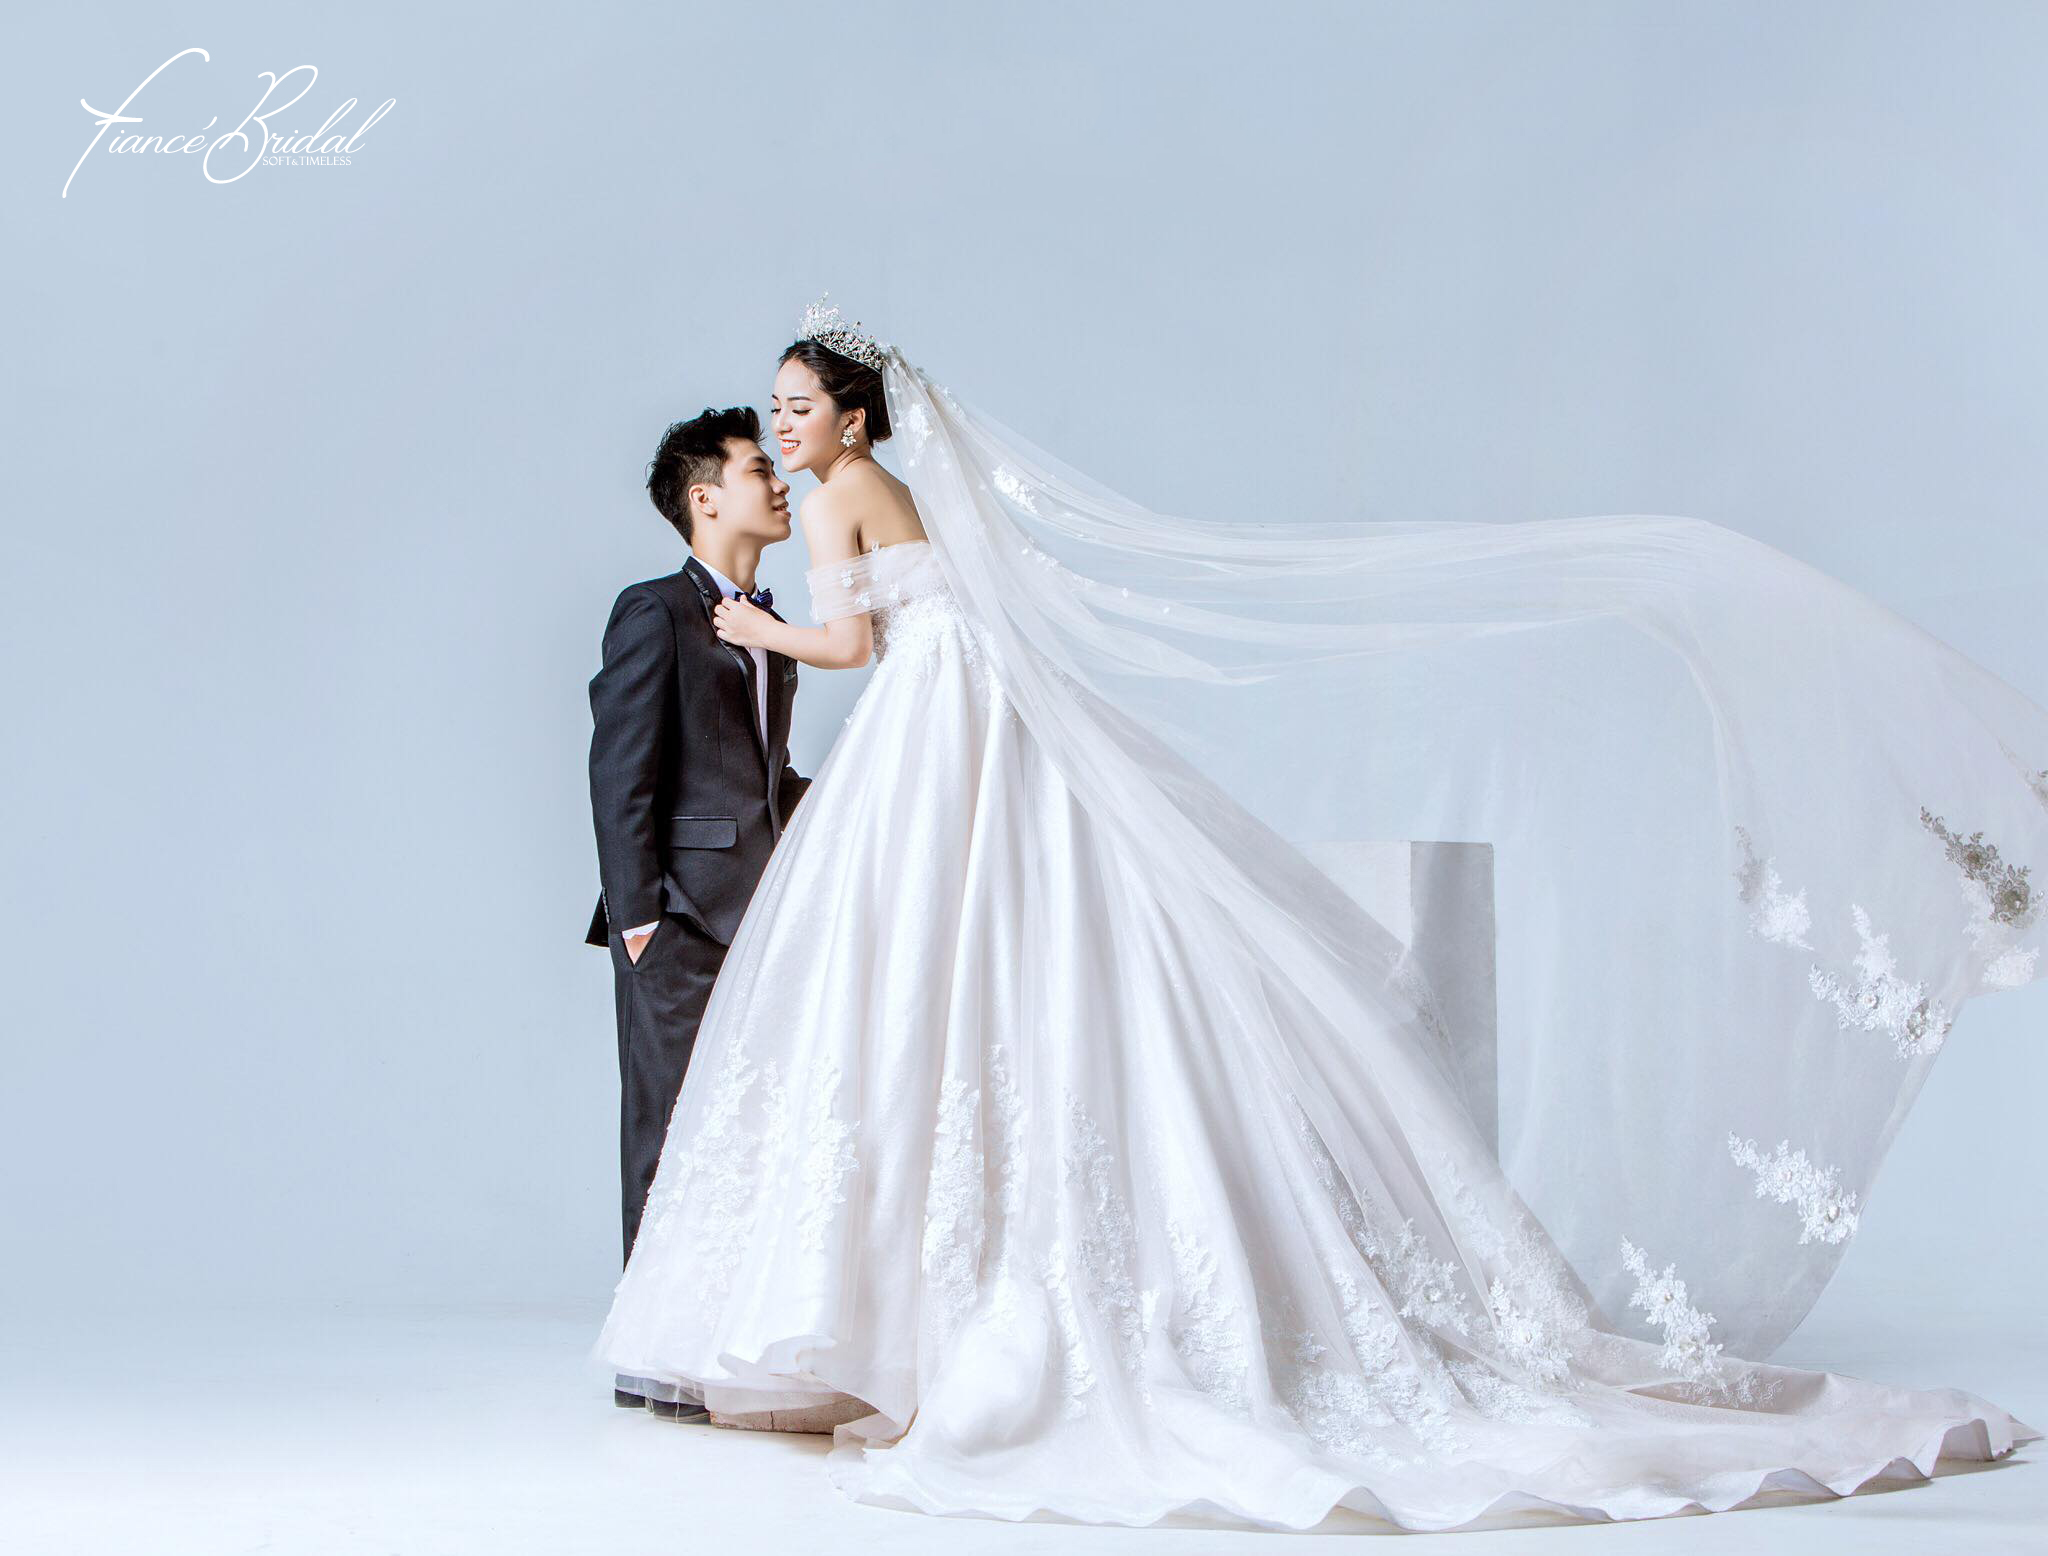 Nếu có ý định tìm cho mình một chiếc váy cưới thật chất, đây là gợi ý cho bạn - Ảnh 2.